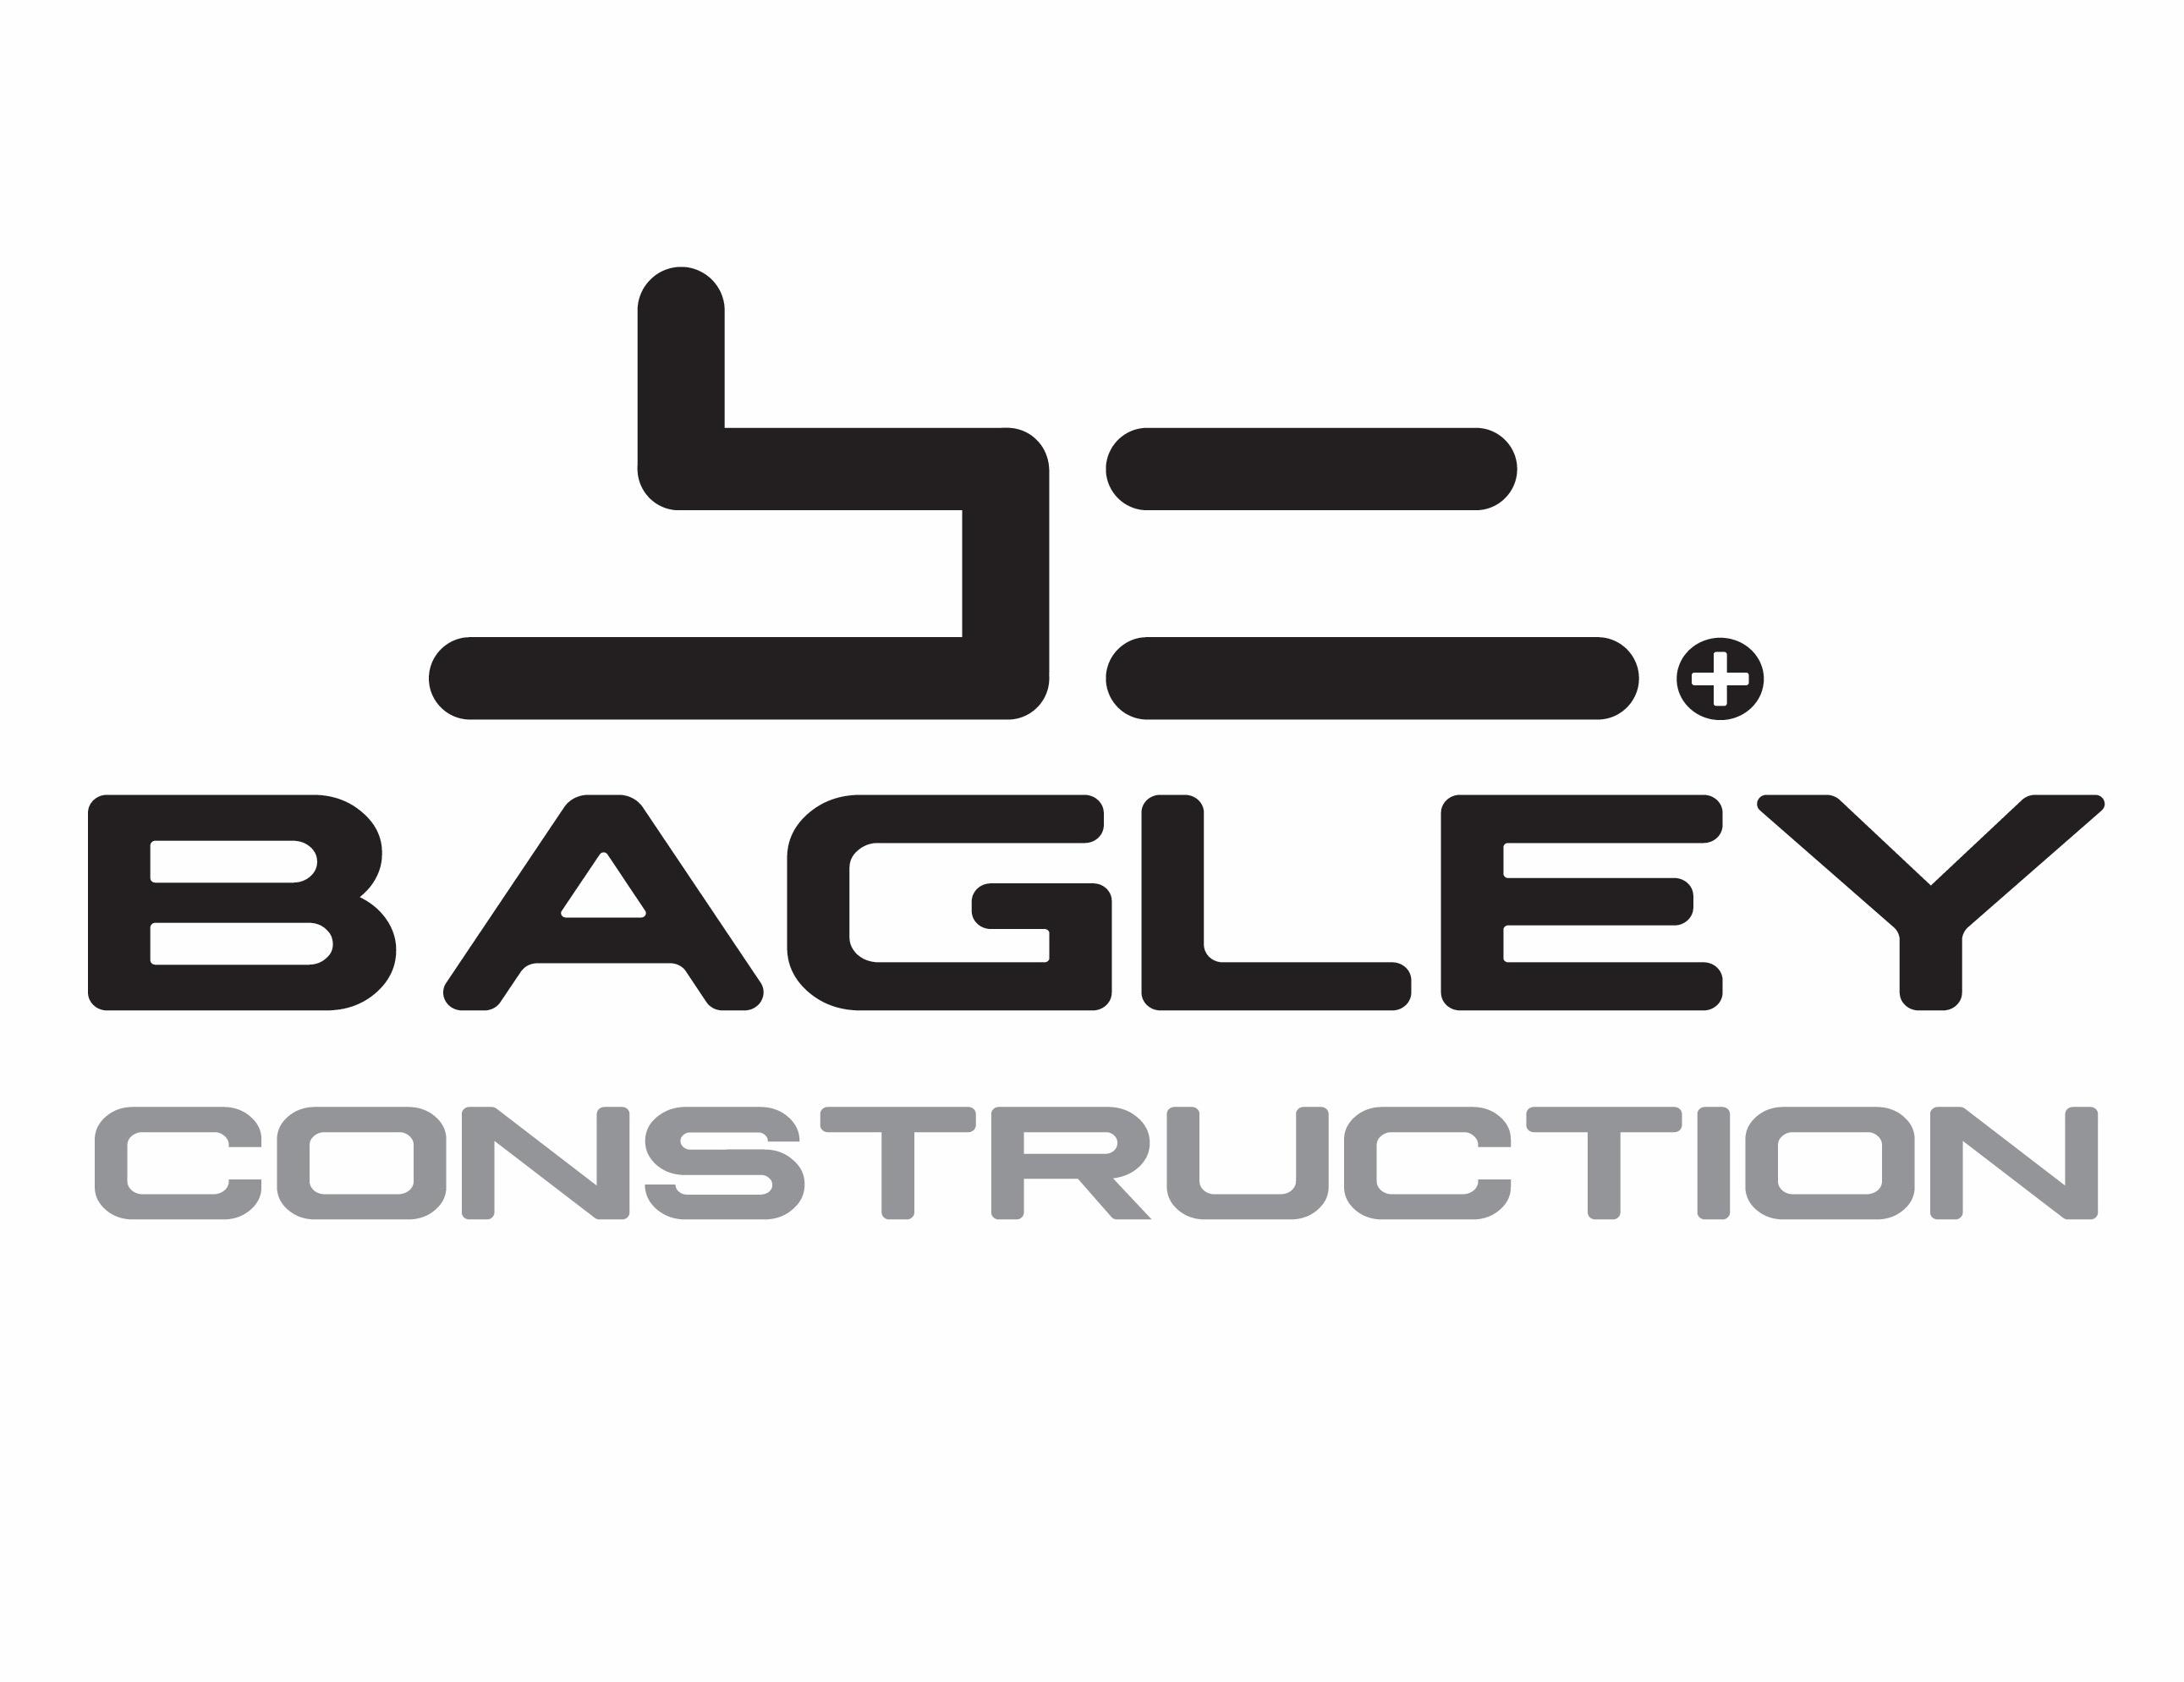 Bagley Construction Ltd